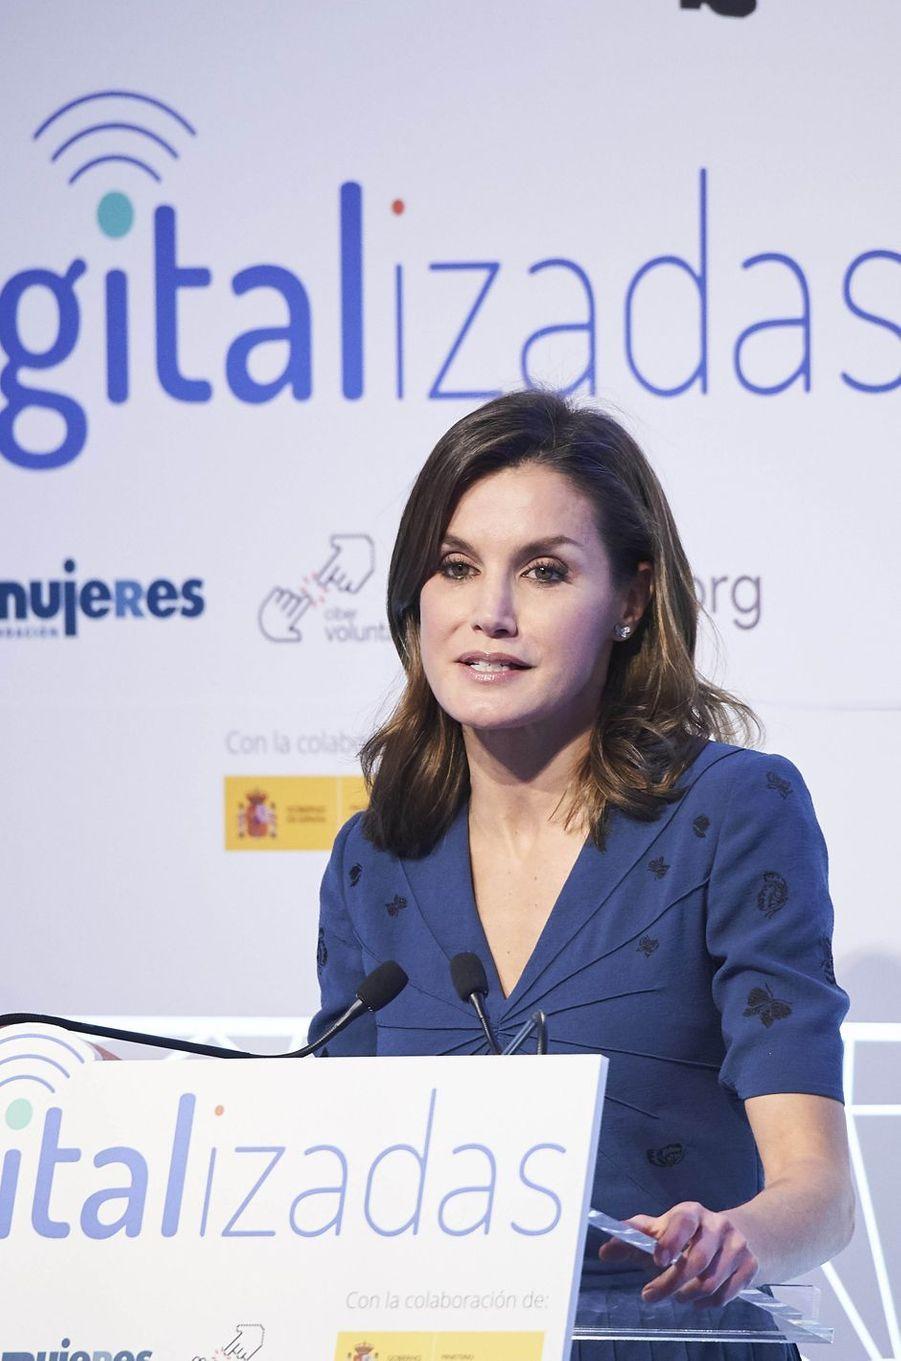 La reine Letizia d'Espagne parle alphabétisation digitale à Saint-Jacques de Compostelle, le 2 mars 2018